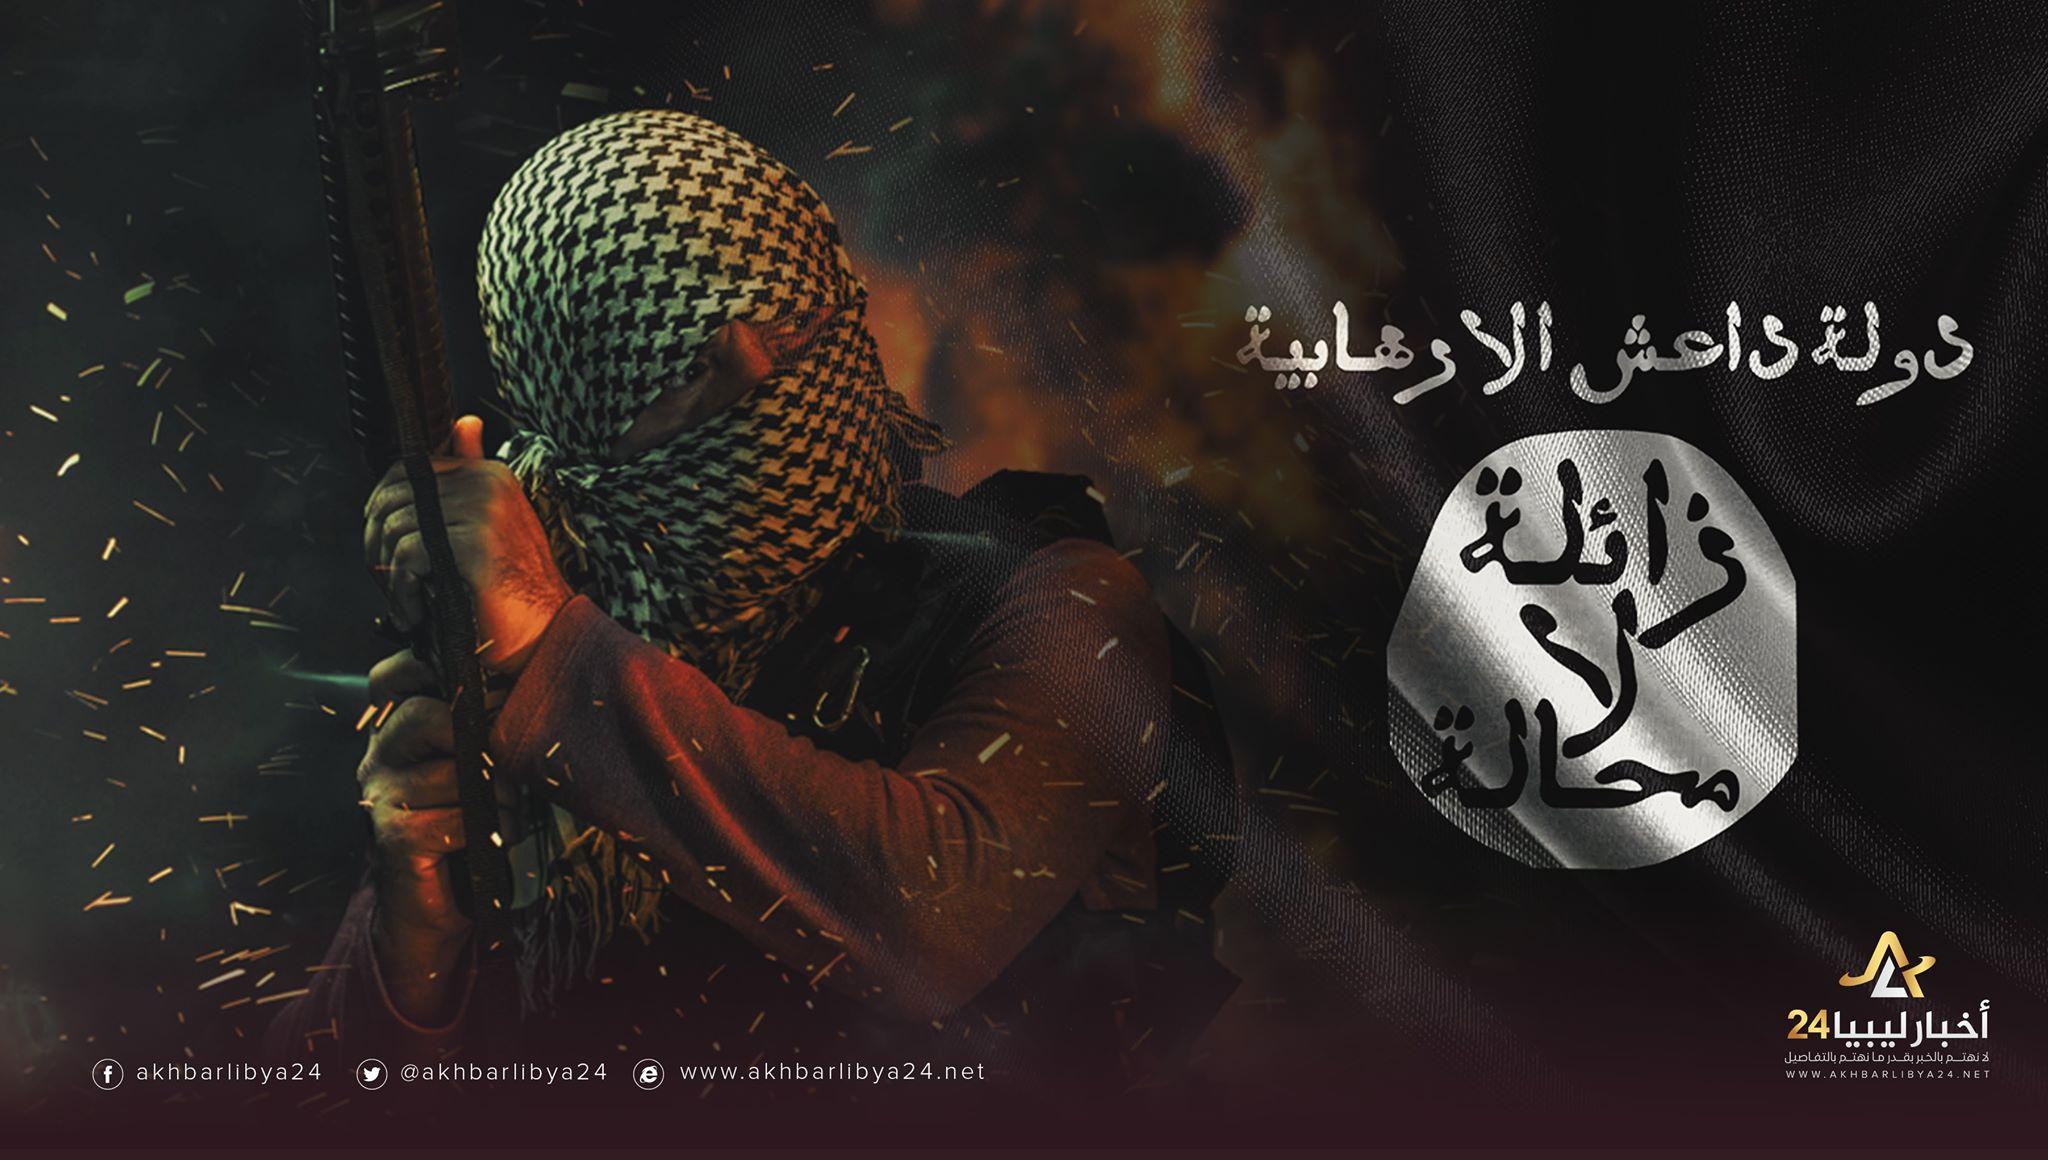 صورة الانغماسيون.. آخر ورقة للتنظيمات الإرهابية